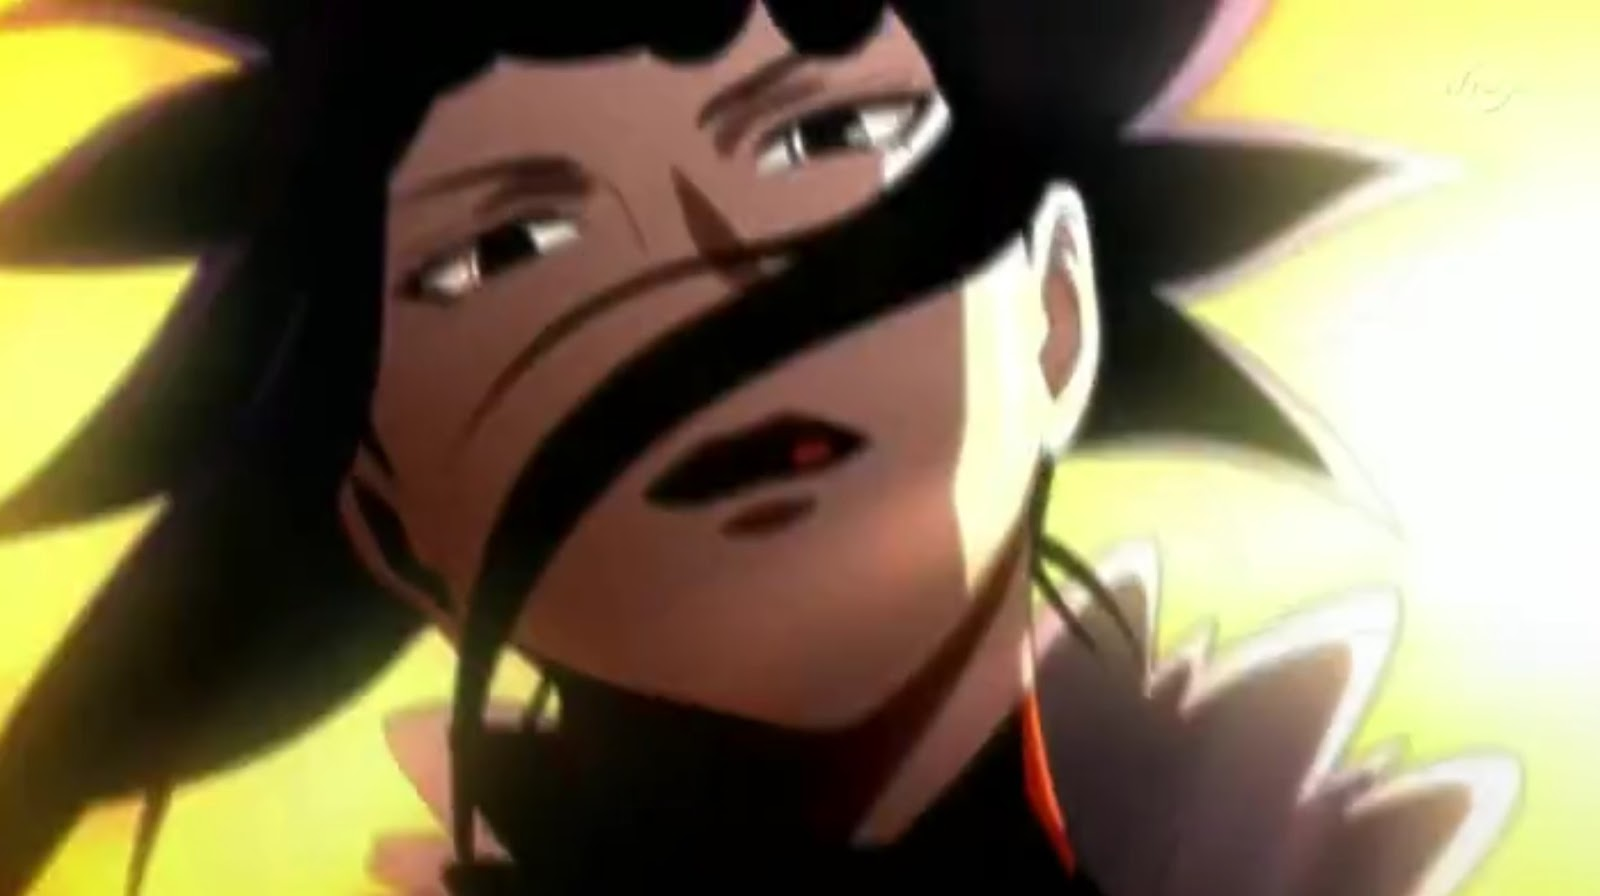 Naruto Shippuden Episódio 91, Assistir Naruto Shippuden Episódio 91, Assistir Naruto Shippuden Todos os Episódios Legendado, Naruto Shippuden episódio 91,HD